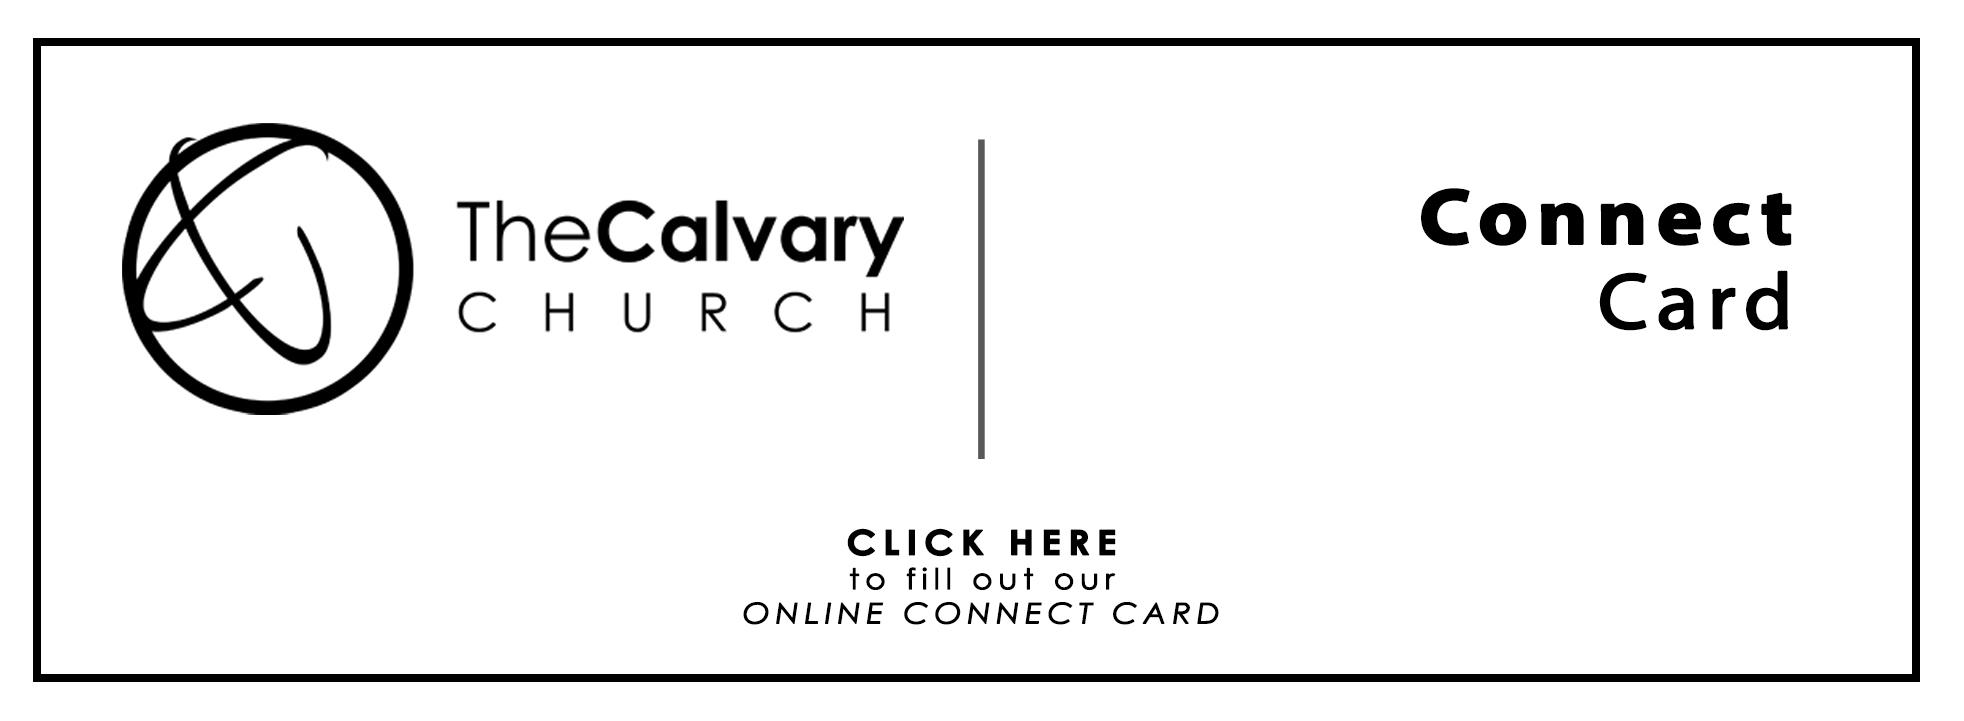 The Calvary Church